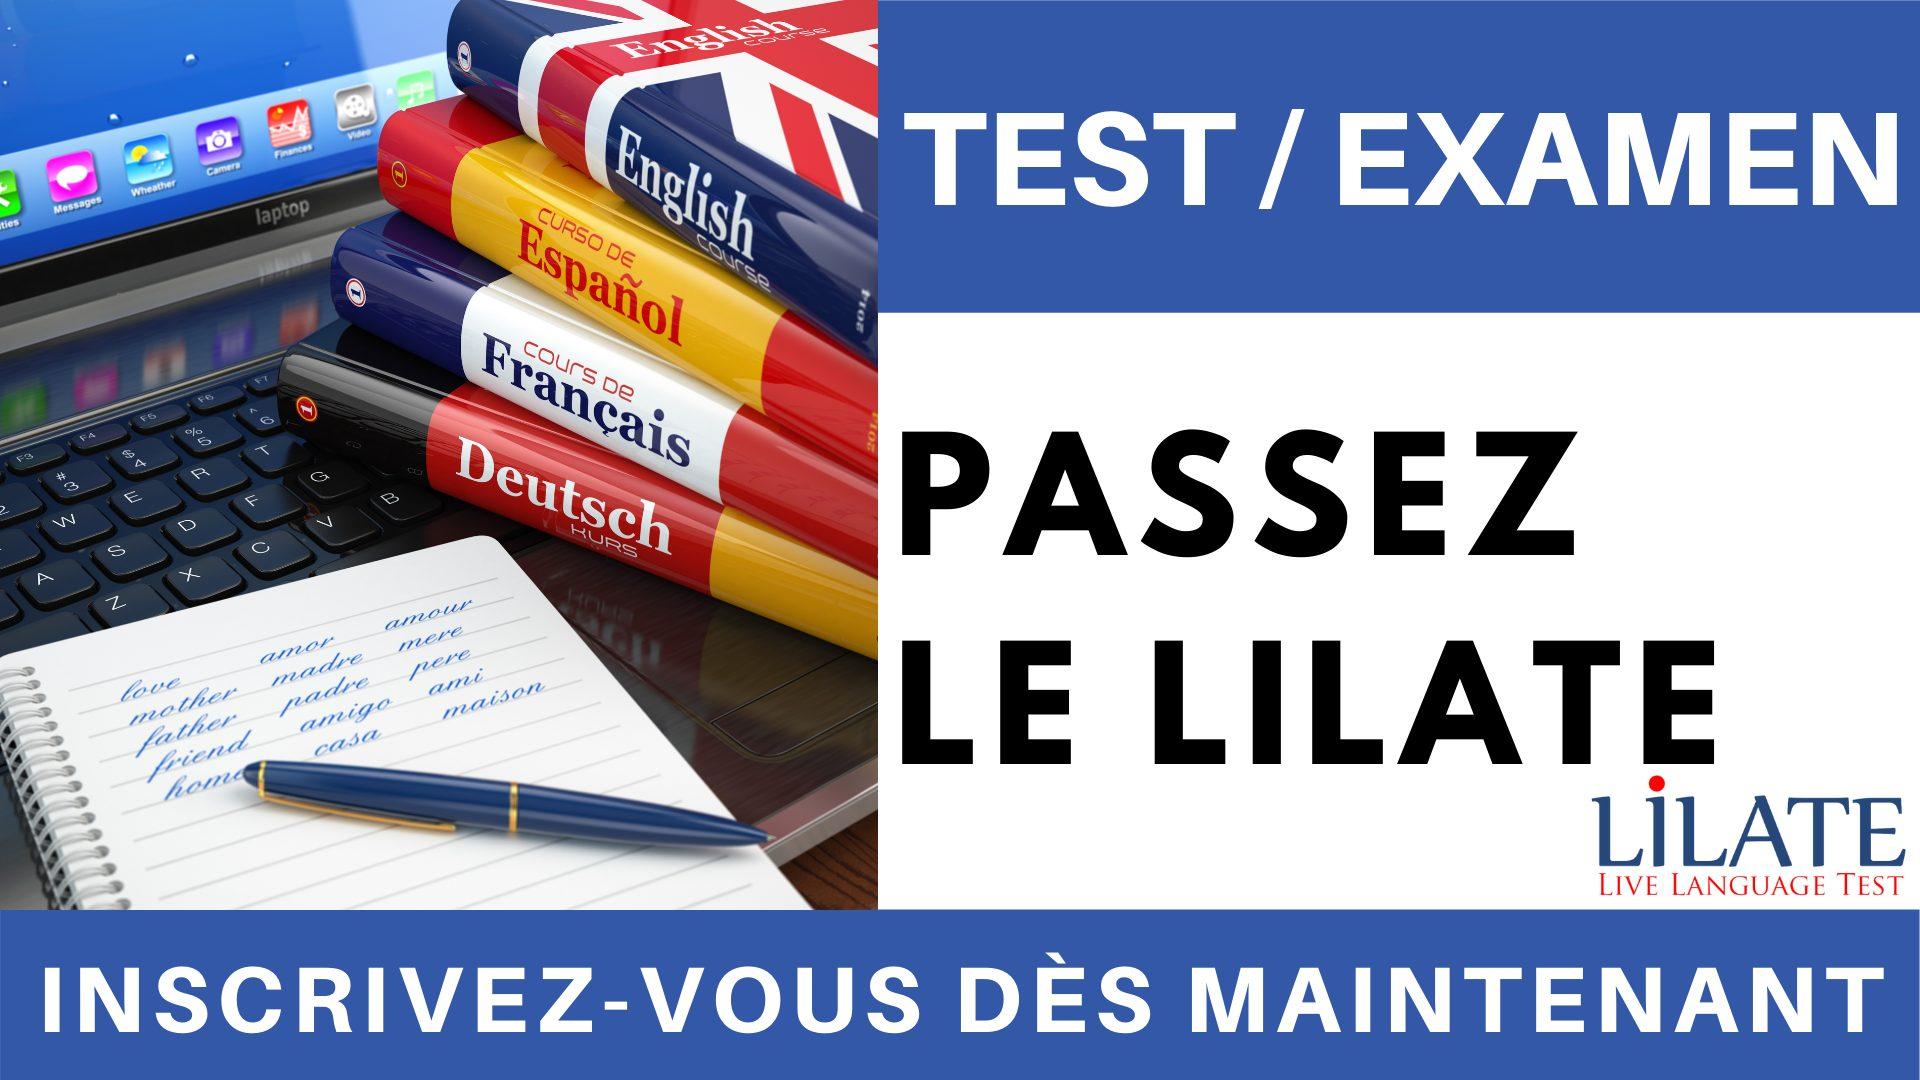 TEST EXAMEN - Passez le LILATE